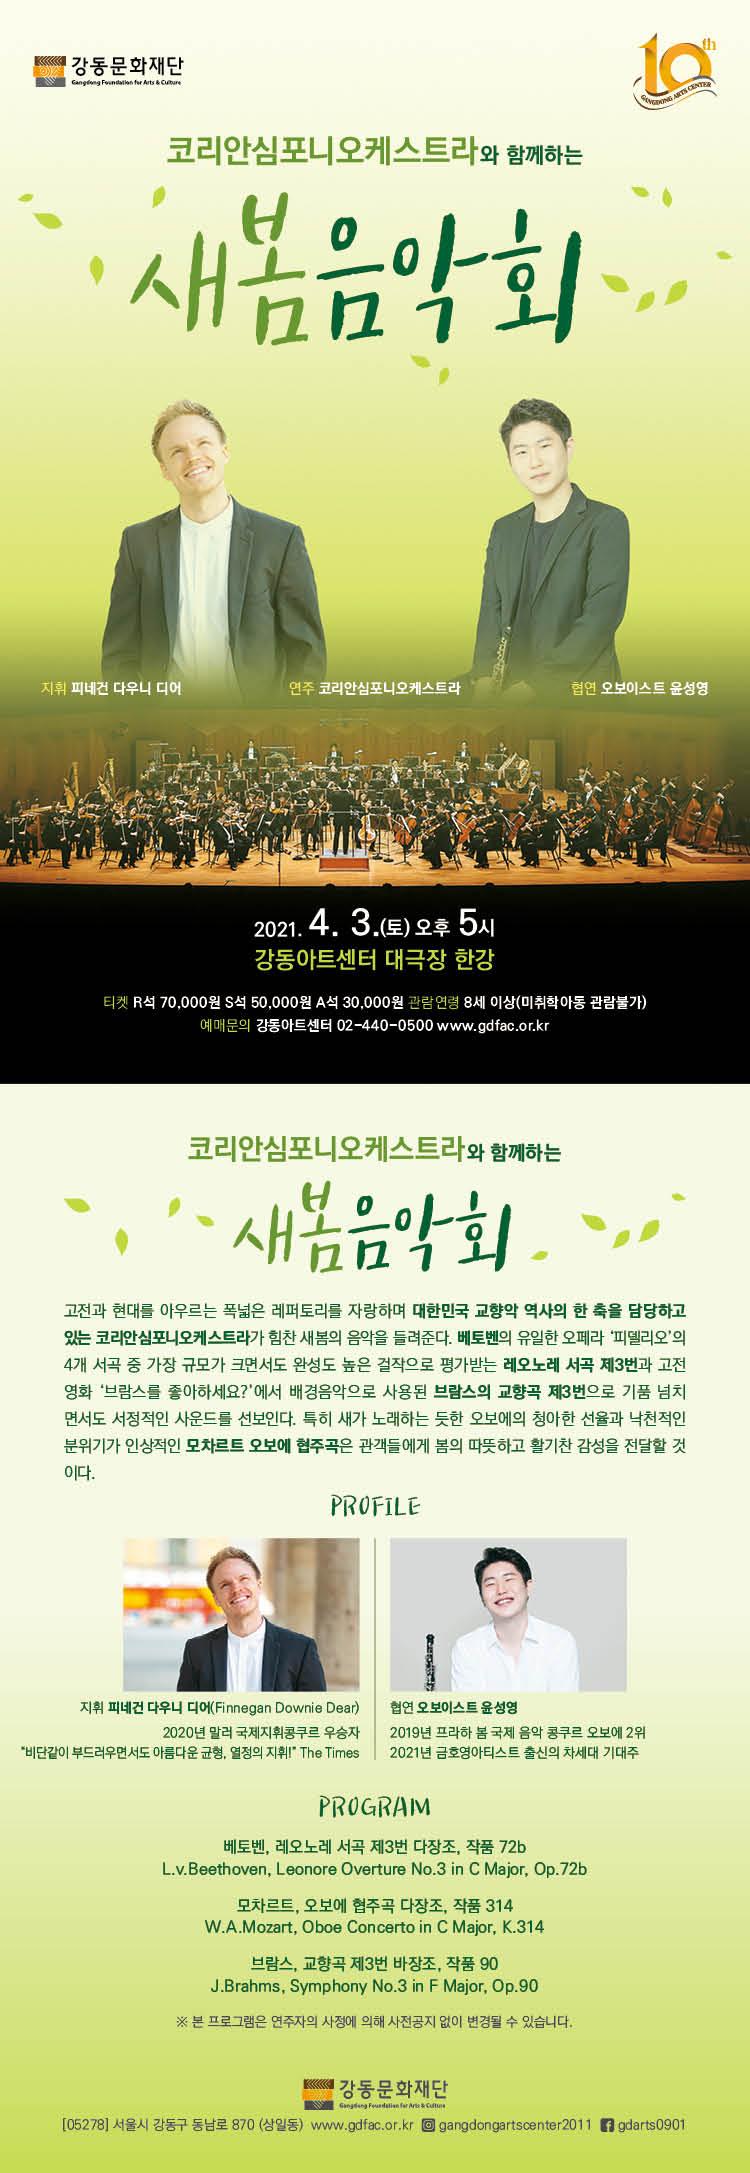 코리안심포니오케스트라와 함께하는 새봄음악회. 2021년 4월 3일 토요일 오후 5시 강동아트센터 대극장 한강